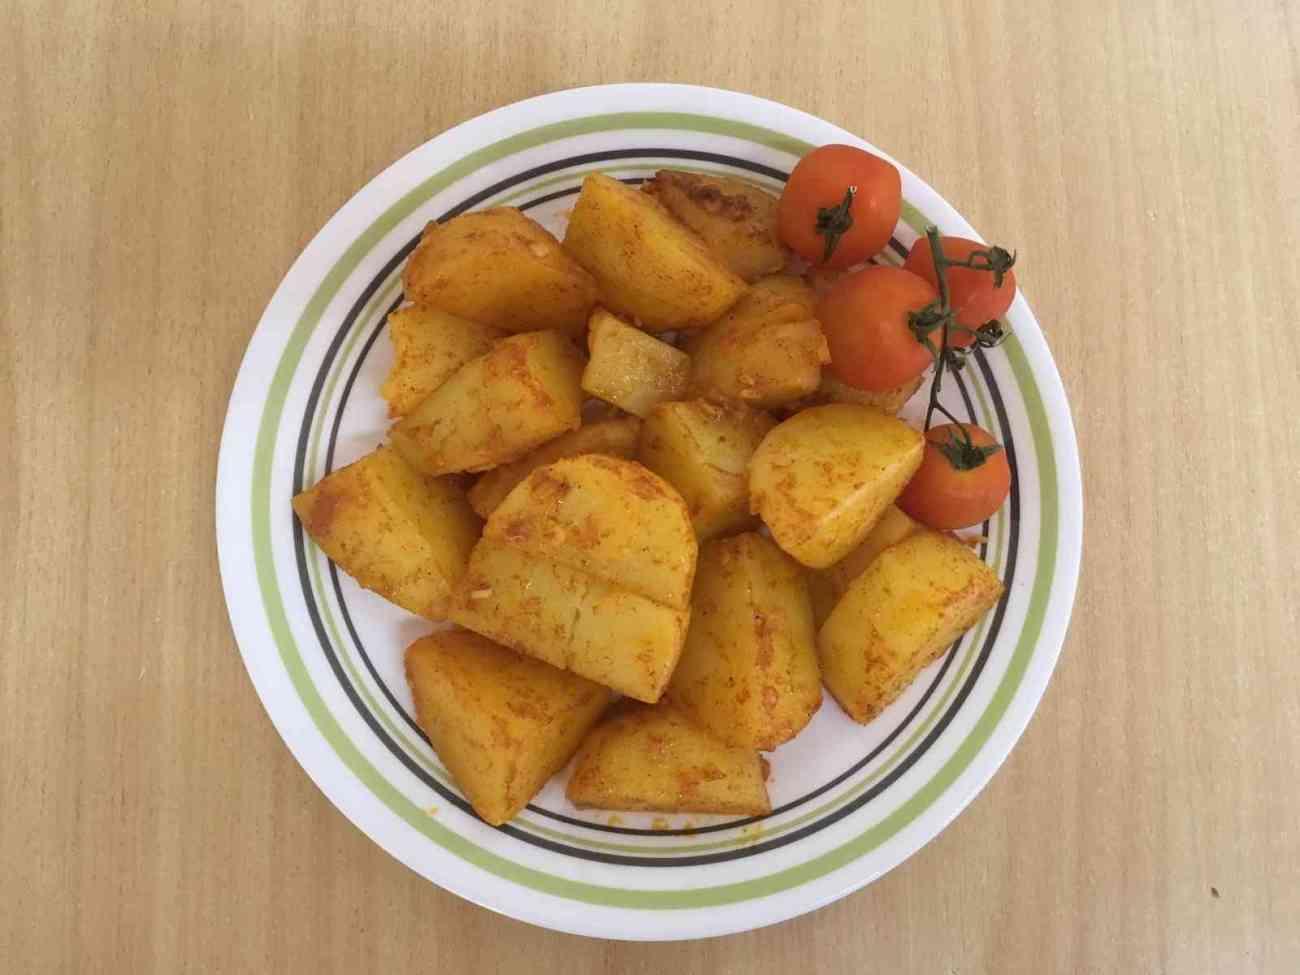 תפוחי אדמה אפויים במיקרו